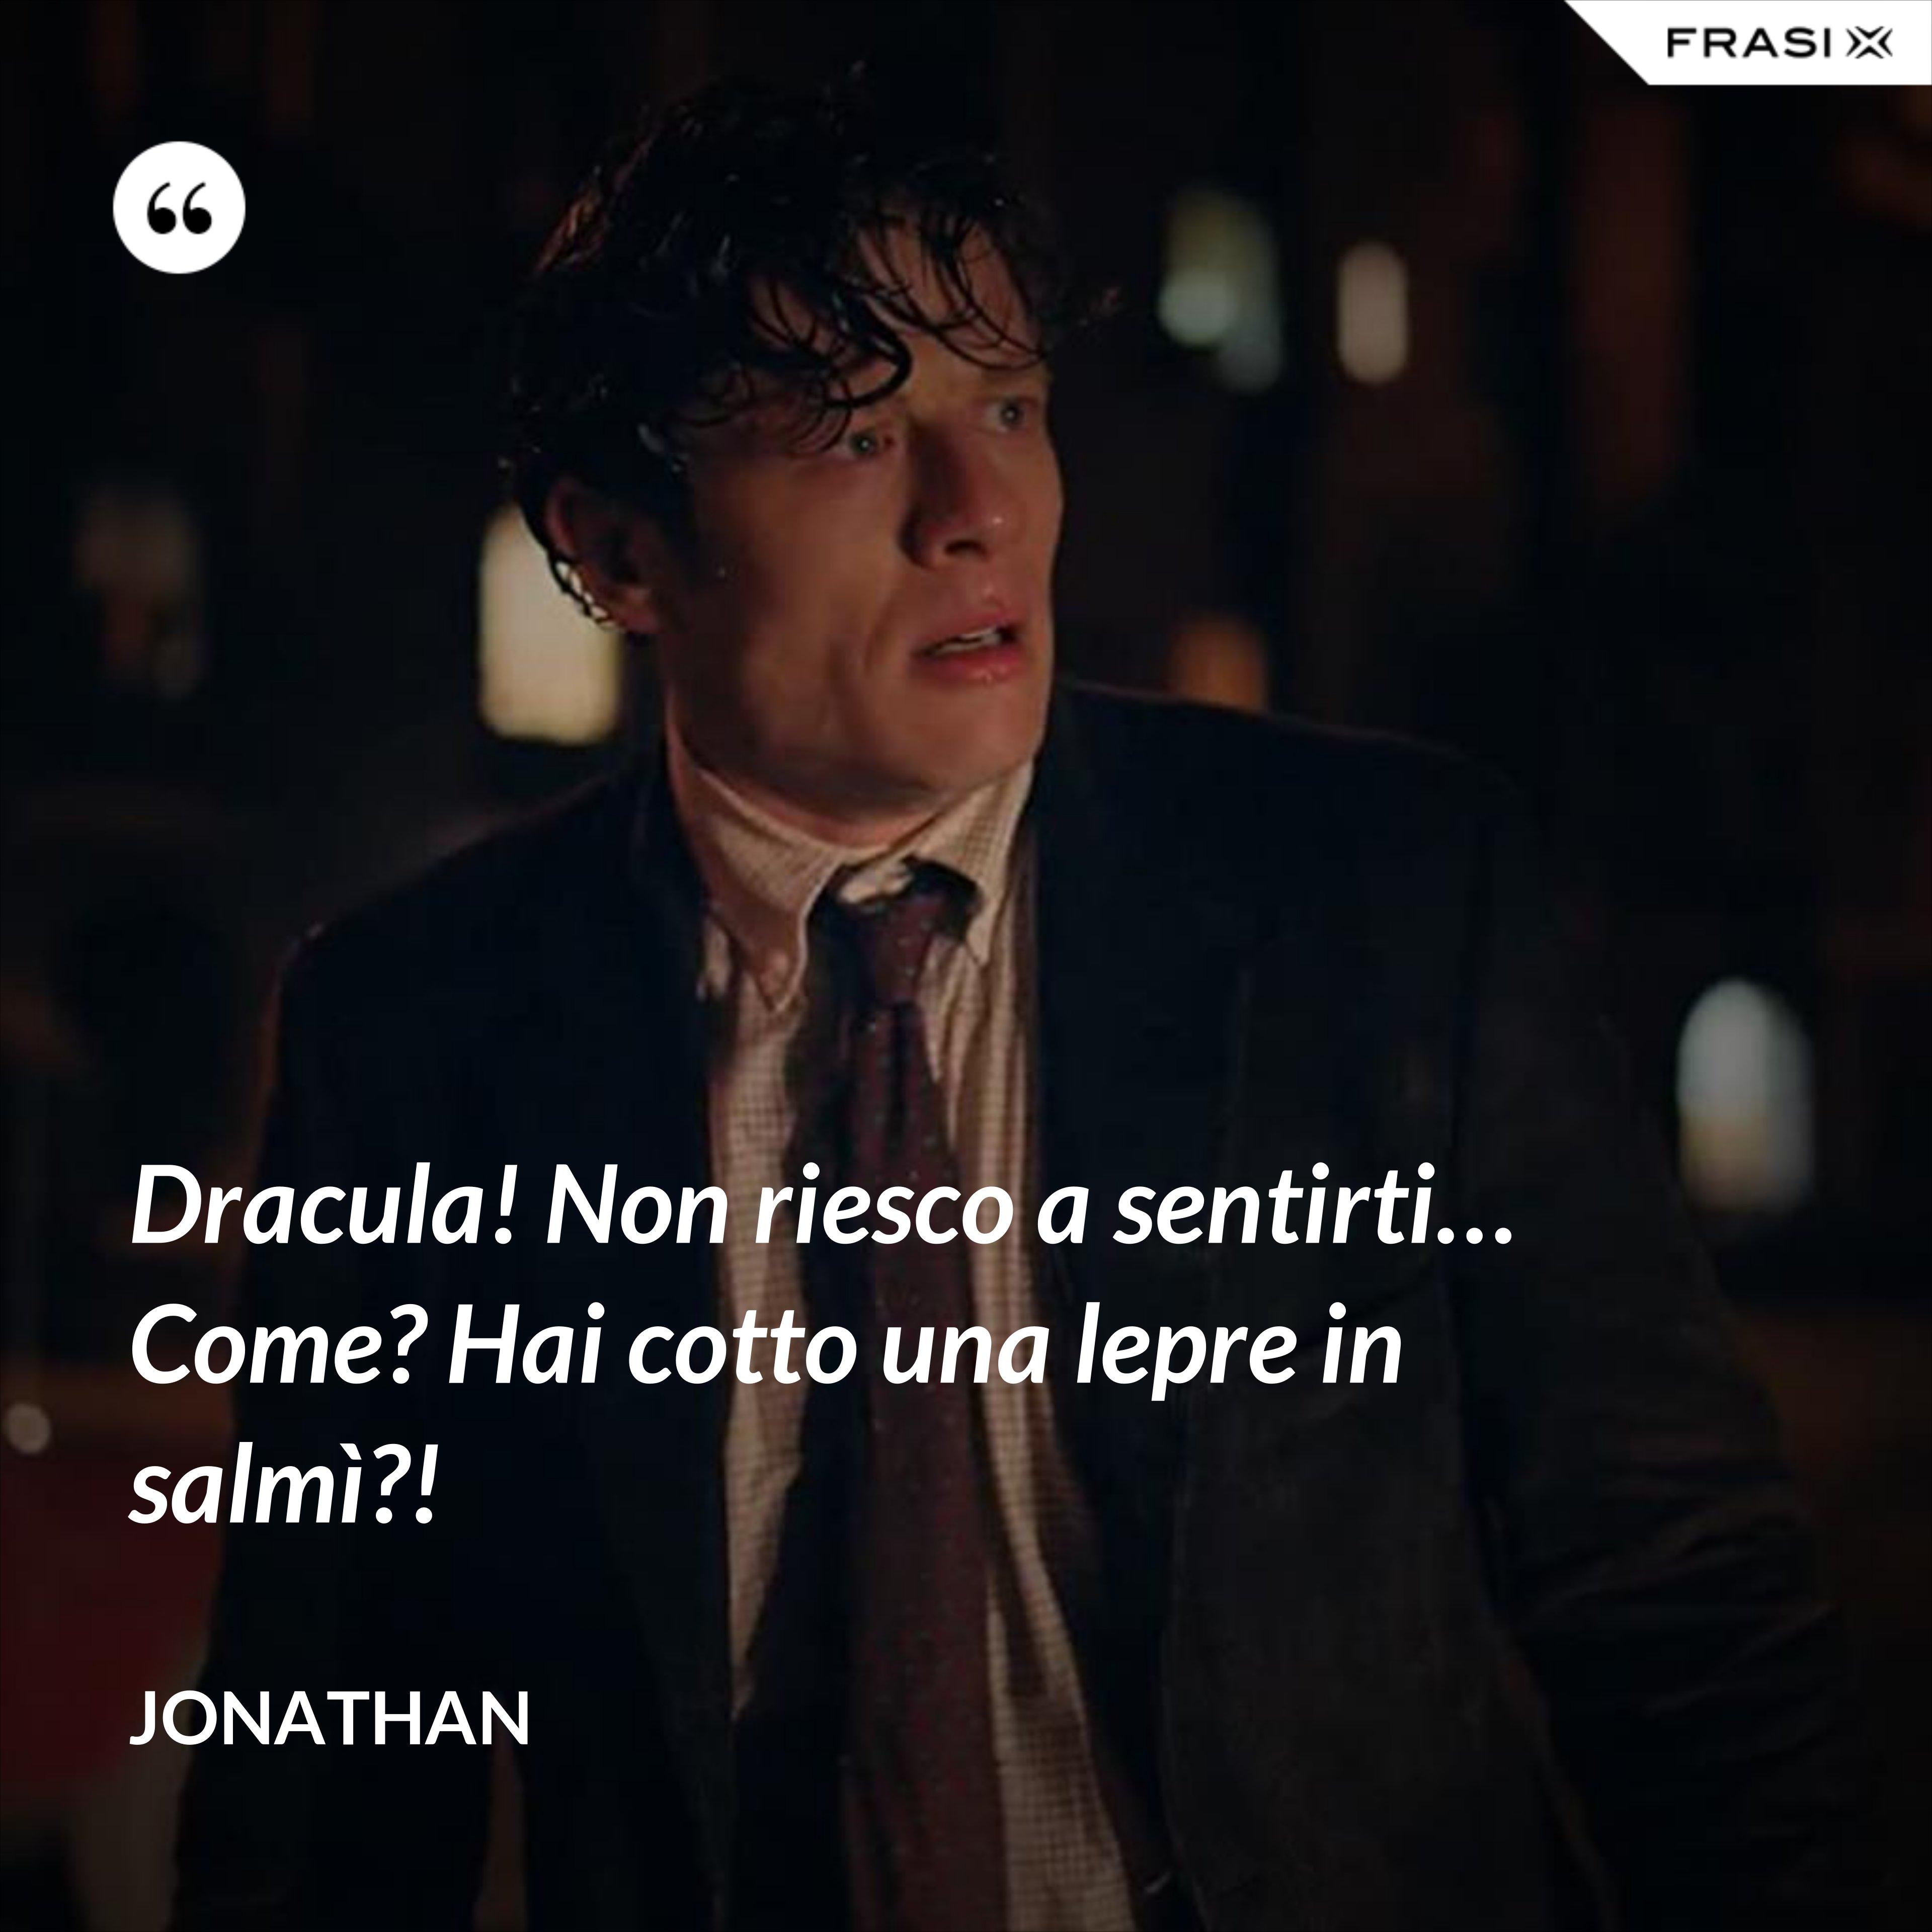 Dracula! Non riesco a sentirti… Come? Hai cotto una lepre in salmì?! - Jonathan